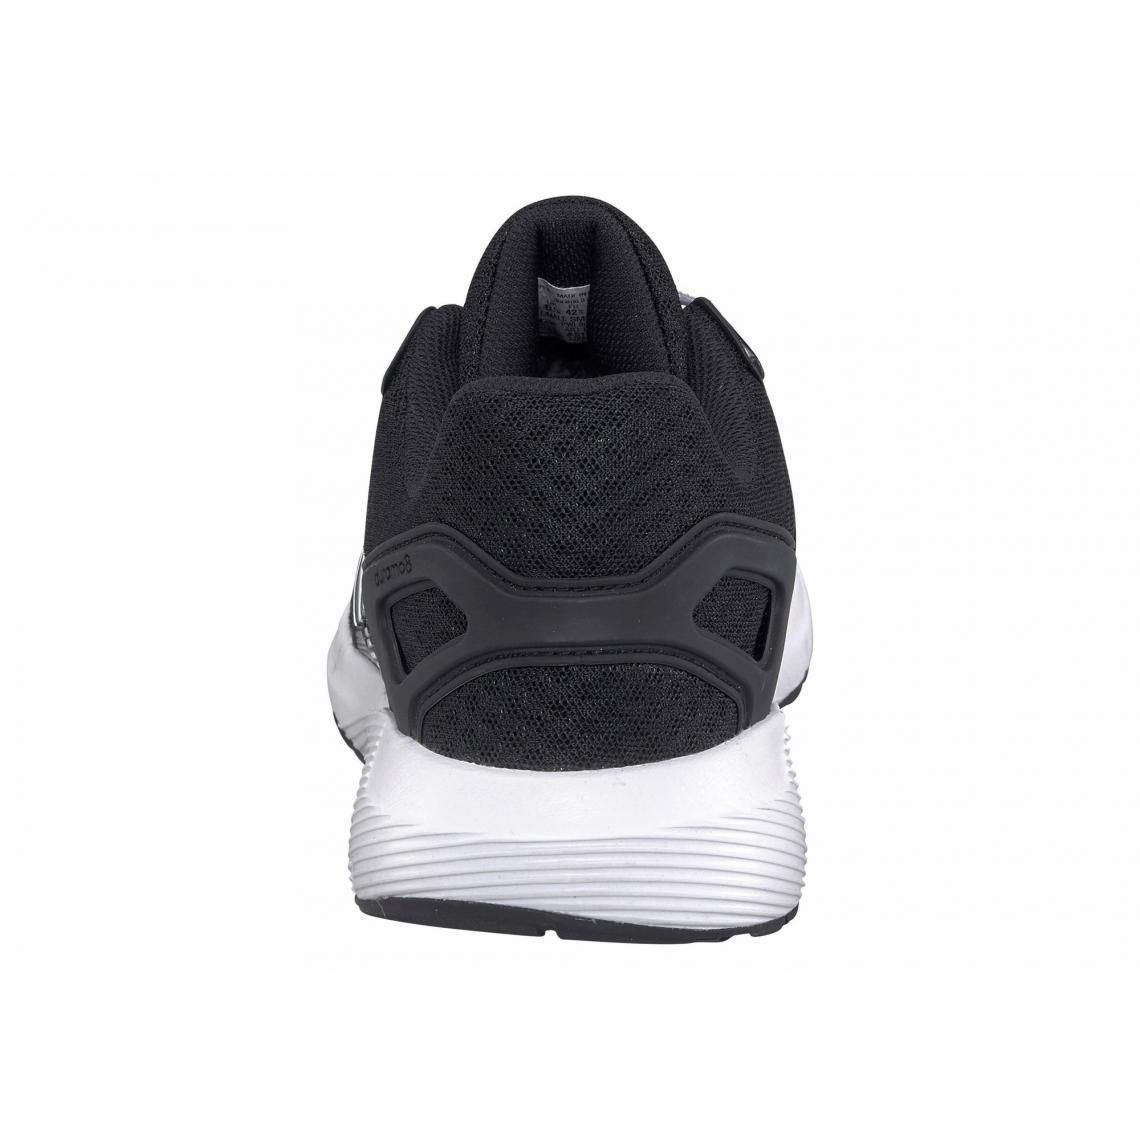 new product 7eb83 6cbd7 Baskets Adidas Performance Cliquez l image pour l agrandir. adidas  Performance Duramo 8 chaussures de running homme - Noir ...